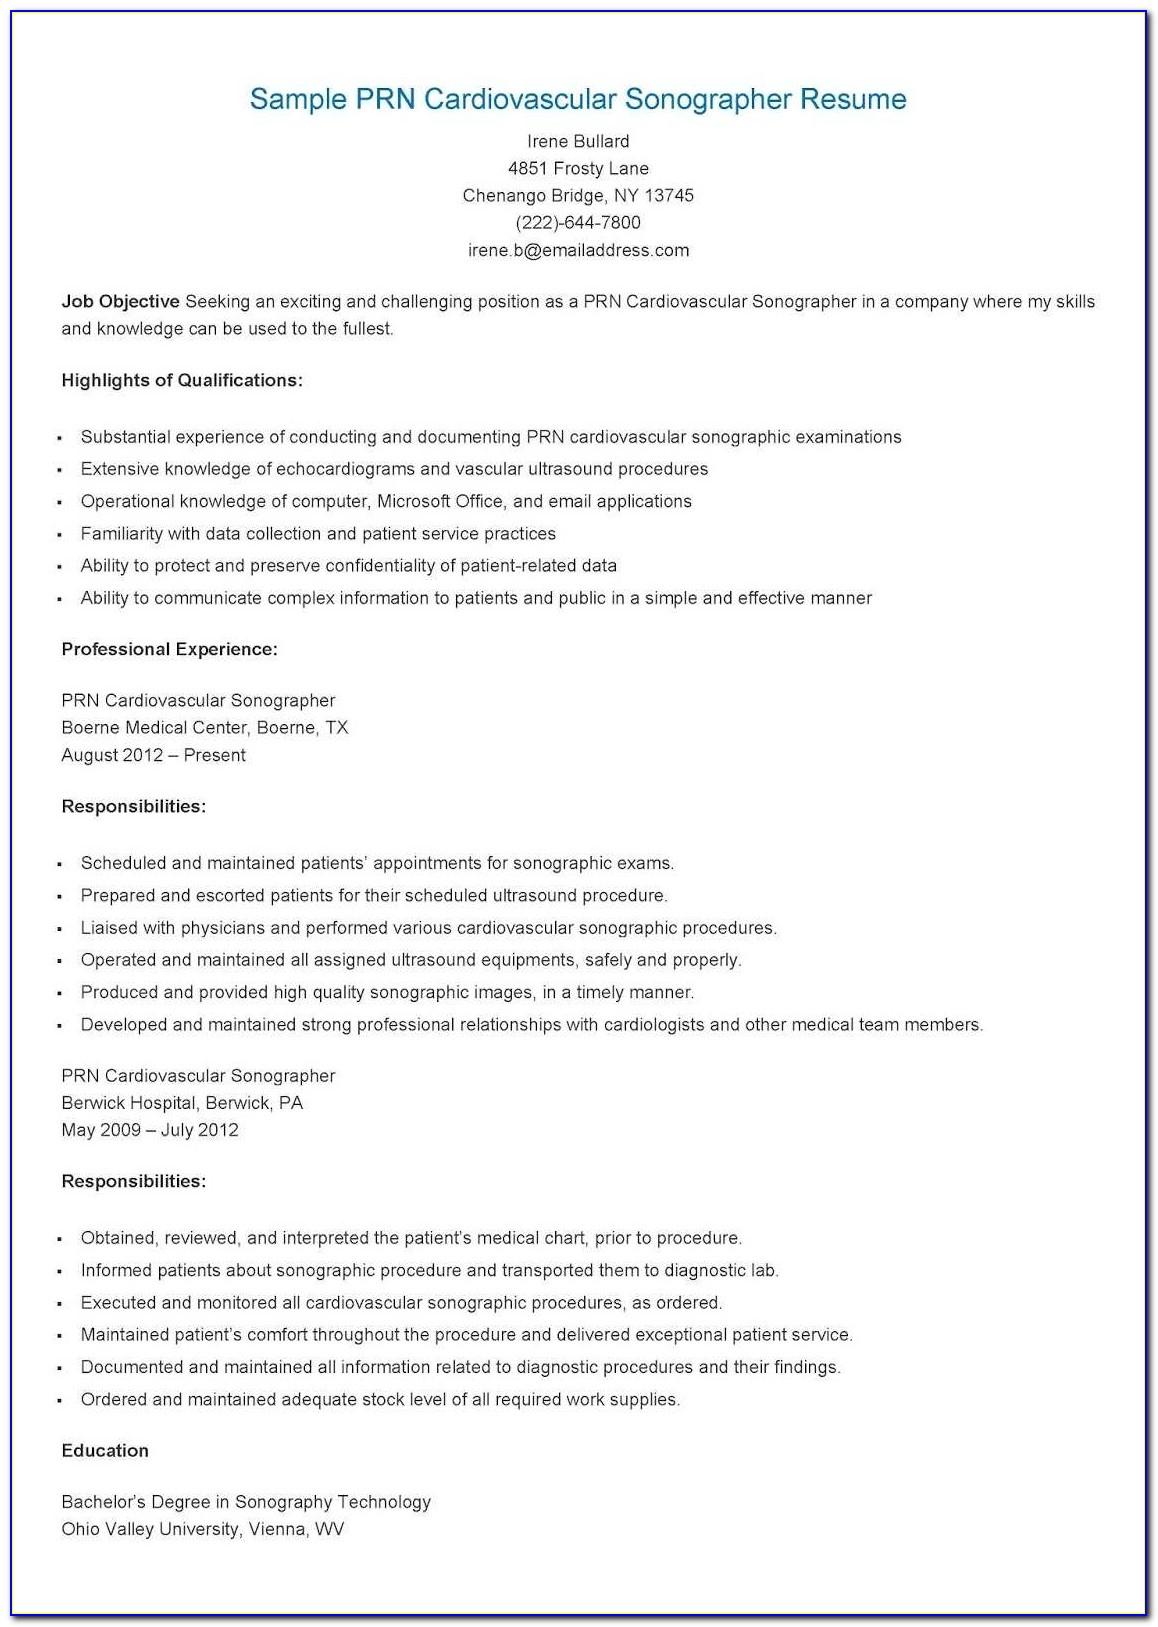 Resume Cover Letter Restaurant Manager Resume Cover Letter Resume Services Houston